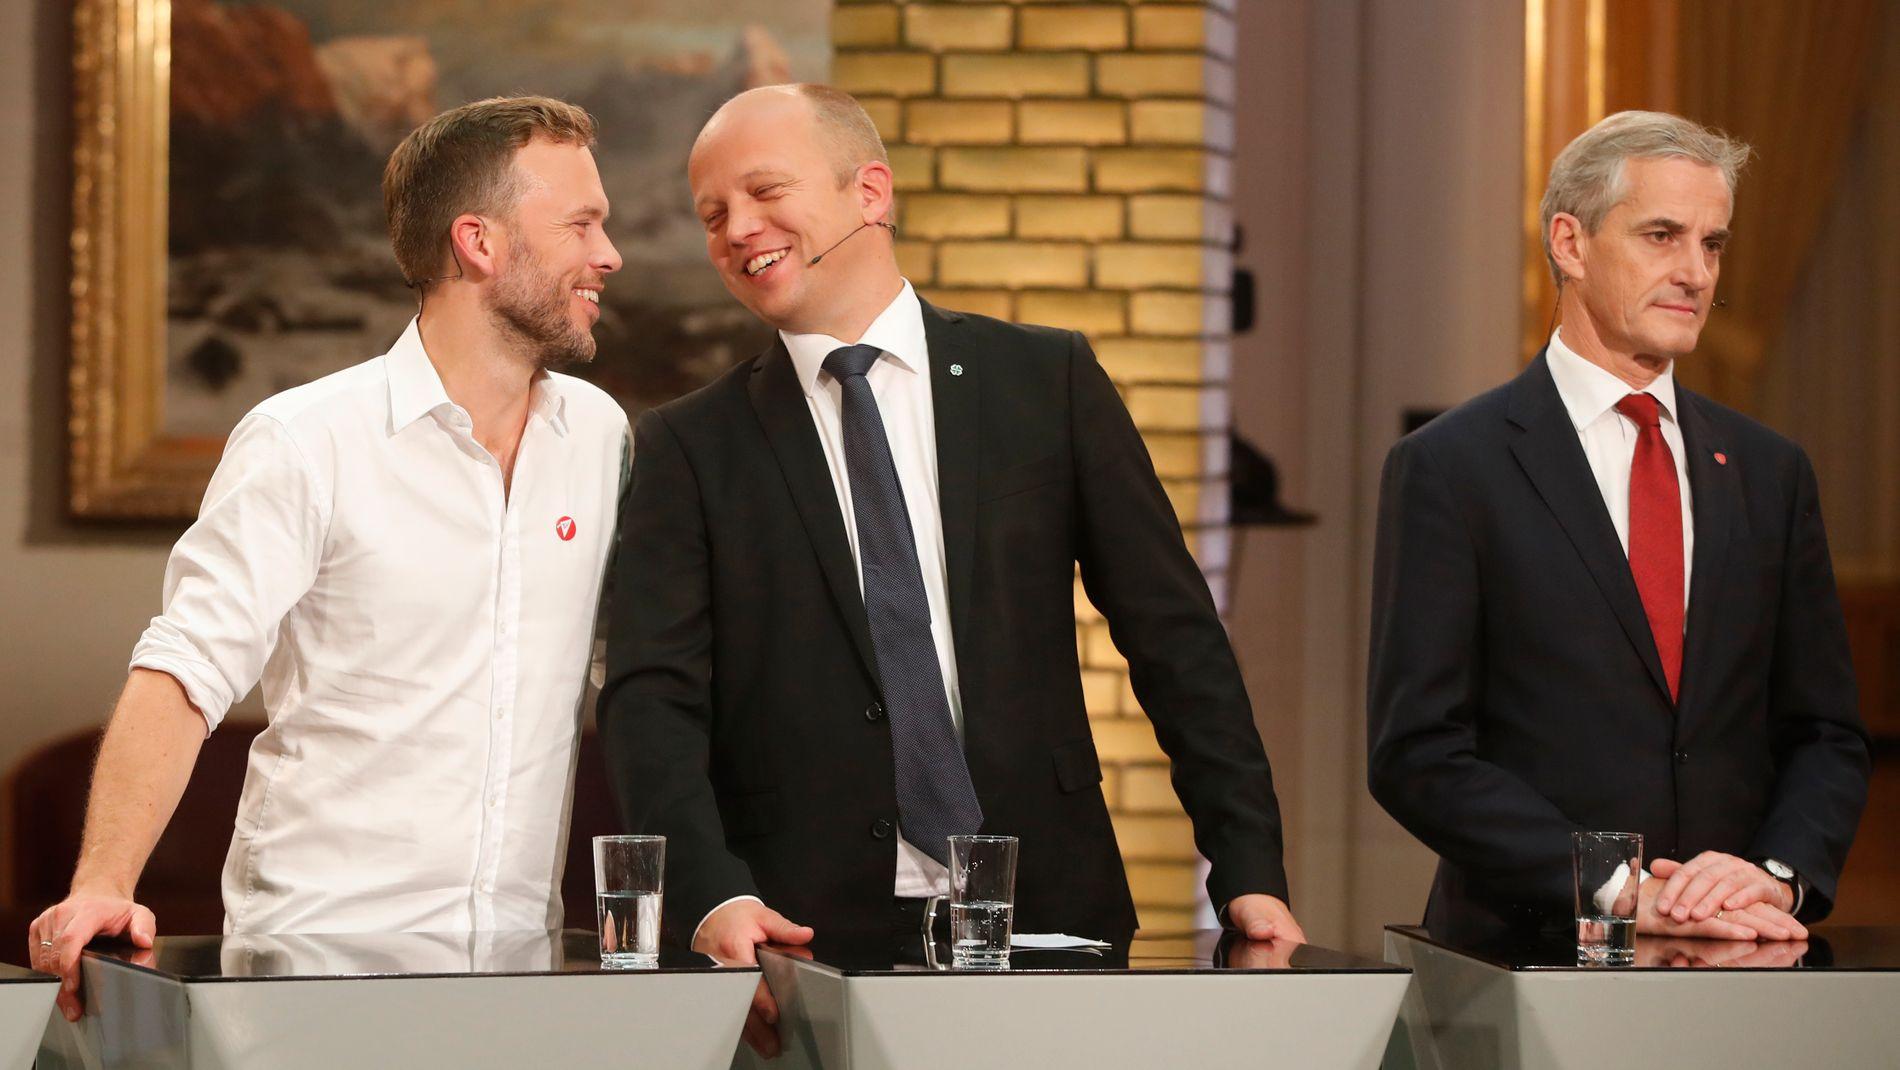 TO AV VALGETS VINNERE: Audun Lysbakken (SV) og Trygve Slagsvold Vedum (Sp) fikk stemmer fra flere tidligere Ap-velgere ved årets valg.